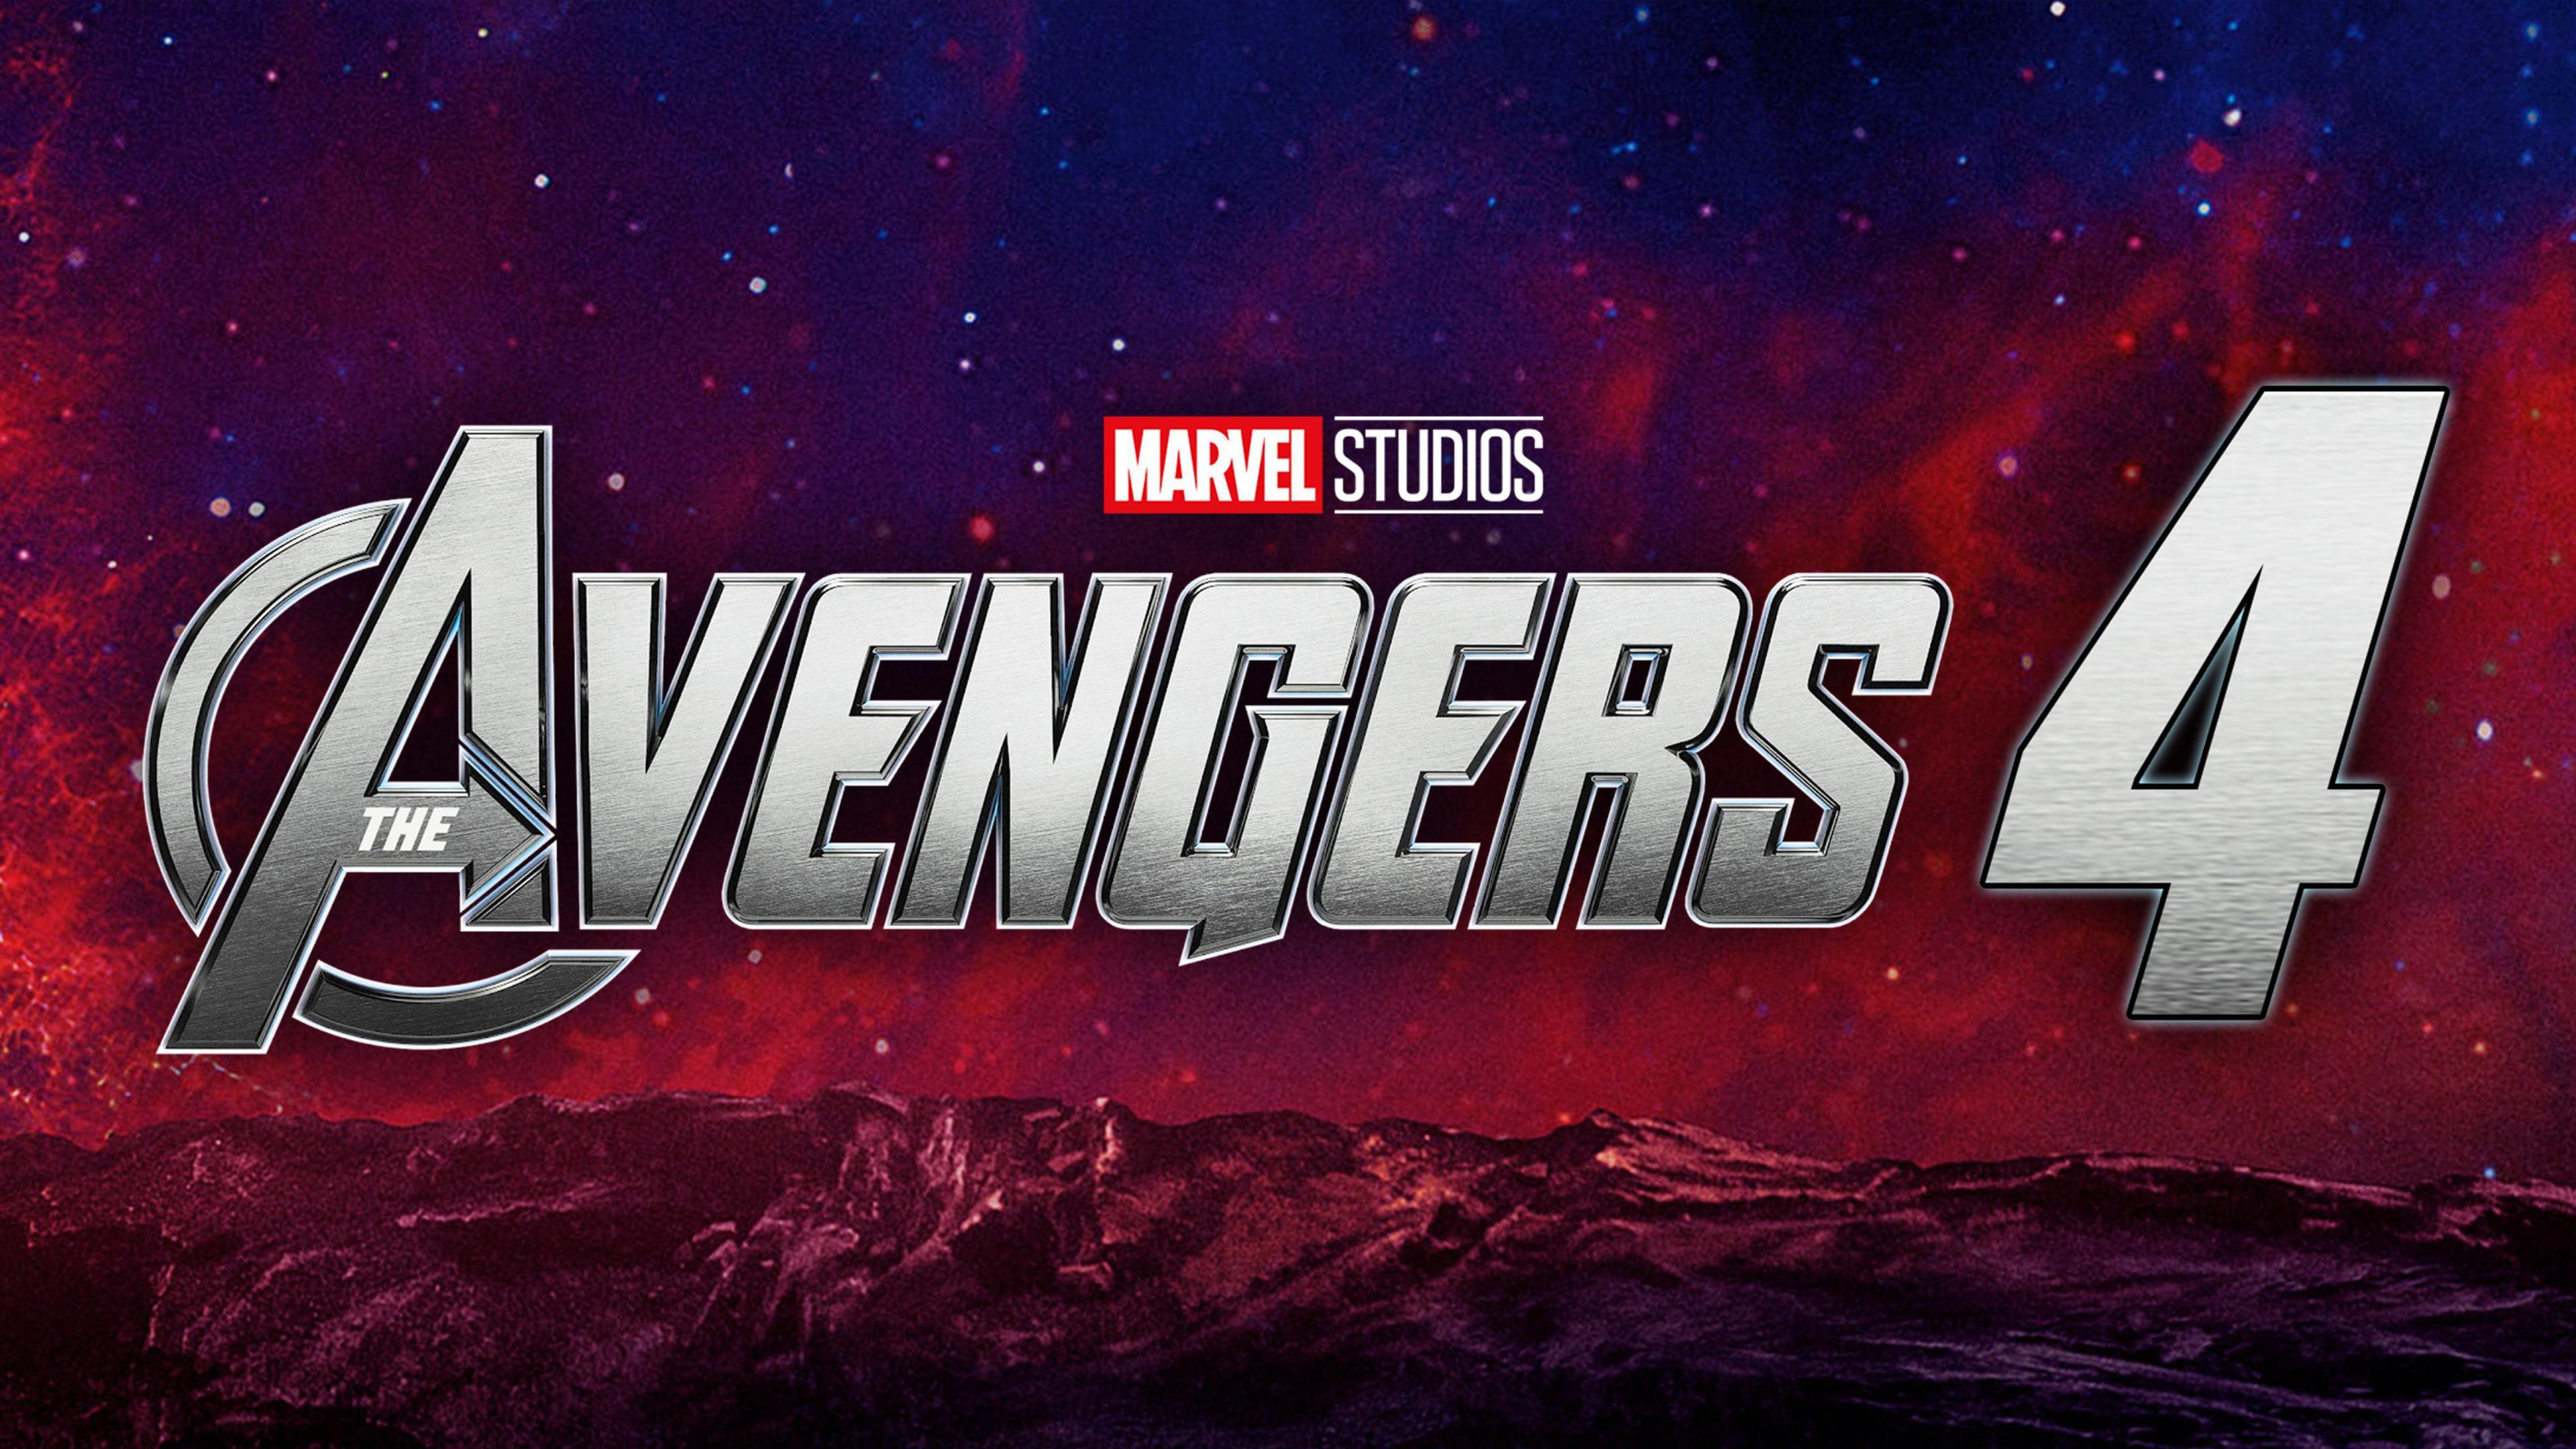 marvel avengers 4 1537645455 - Marvel Avengers 4 - movies wallpapers, logo wallpapers, hd-wallpapers, avengers-infinity-war-wallpapers, avengers 4 wallpapers, 5k wallpapers, 4k-wallpapers, 2018-movies-wallpapers